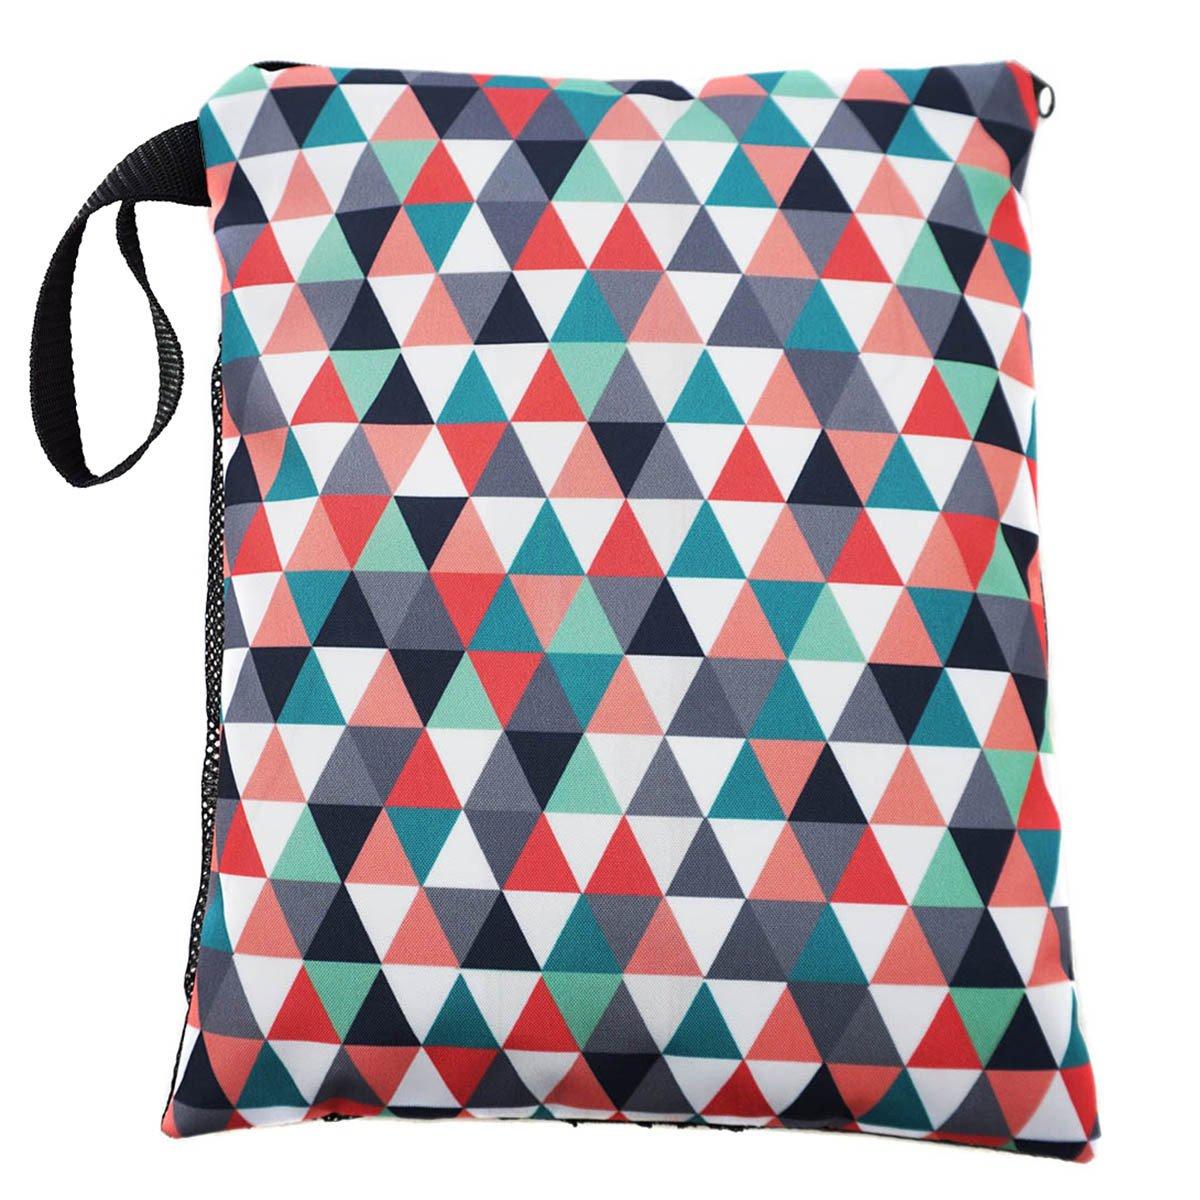 Windeltasche Reise Kosmetiktasche Tasche f/ür schmutzige und saubere Windeln Triangles 063